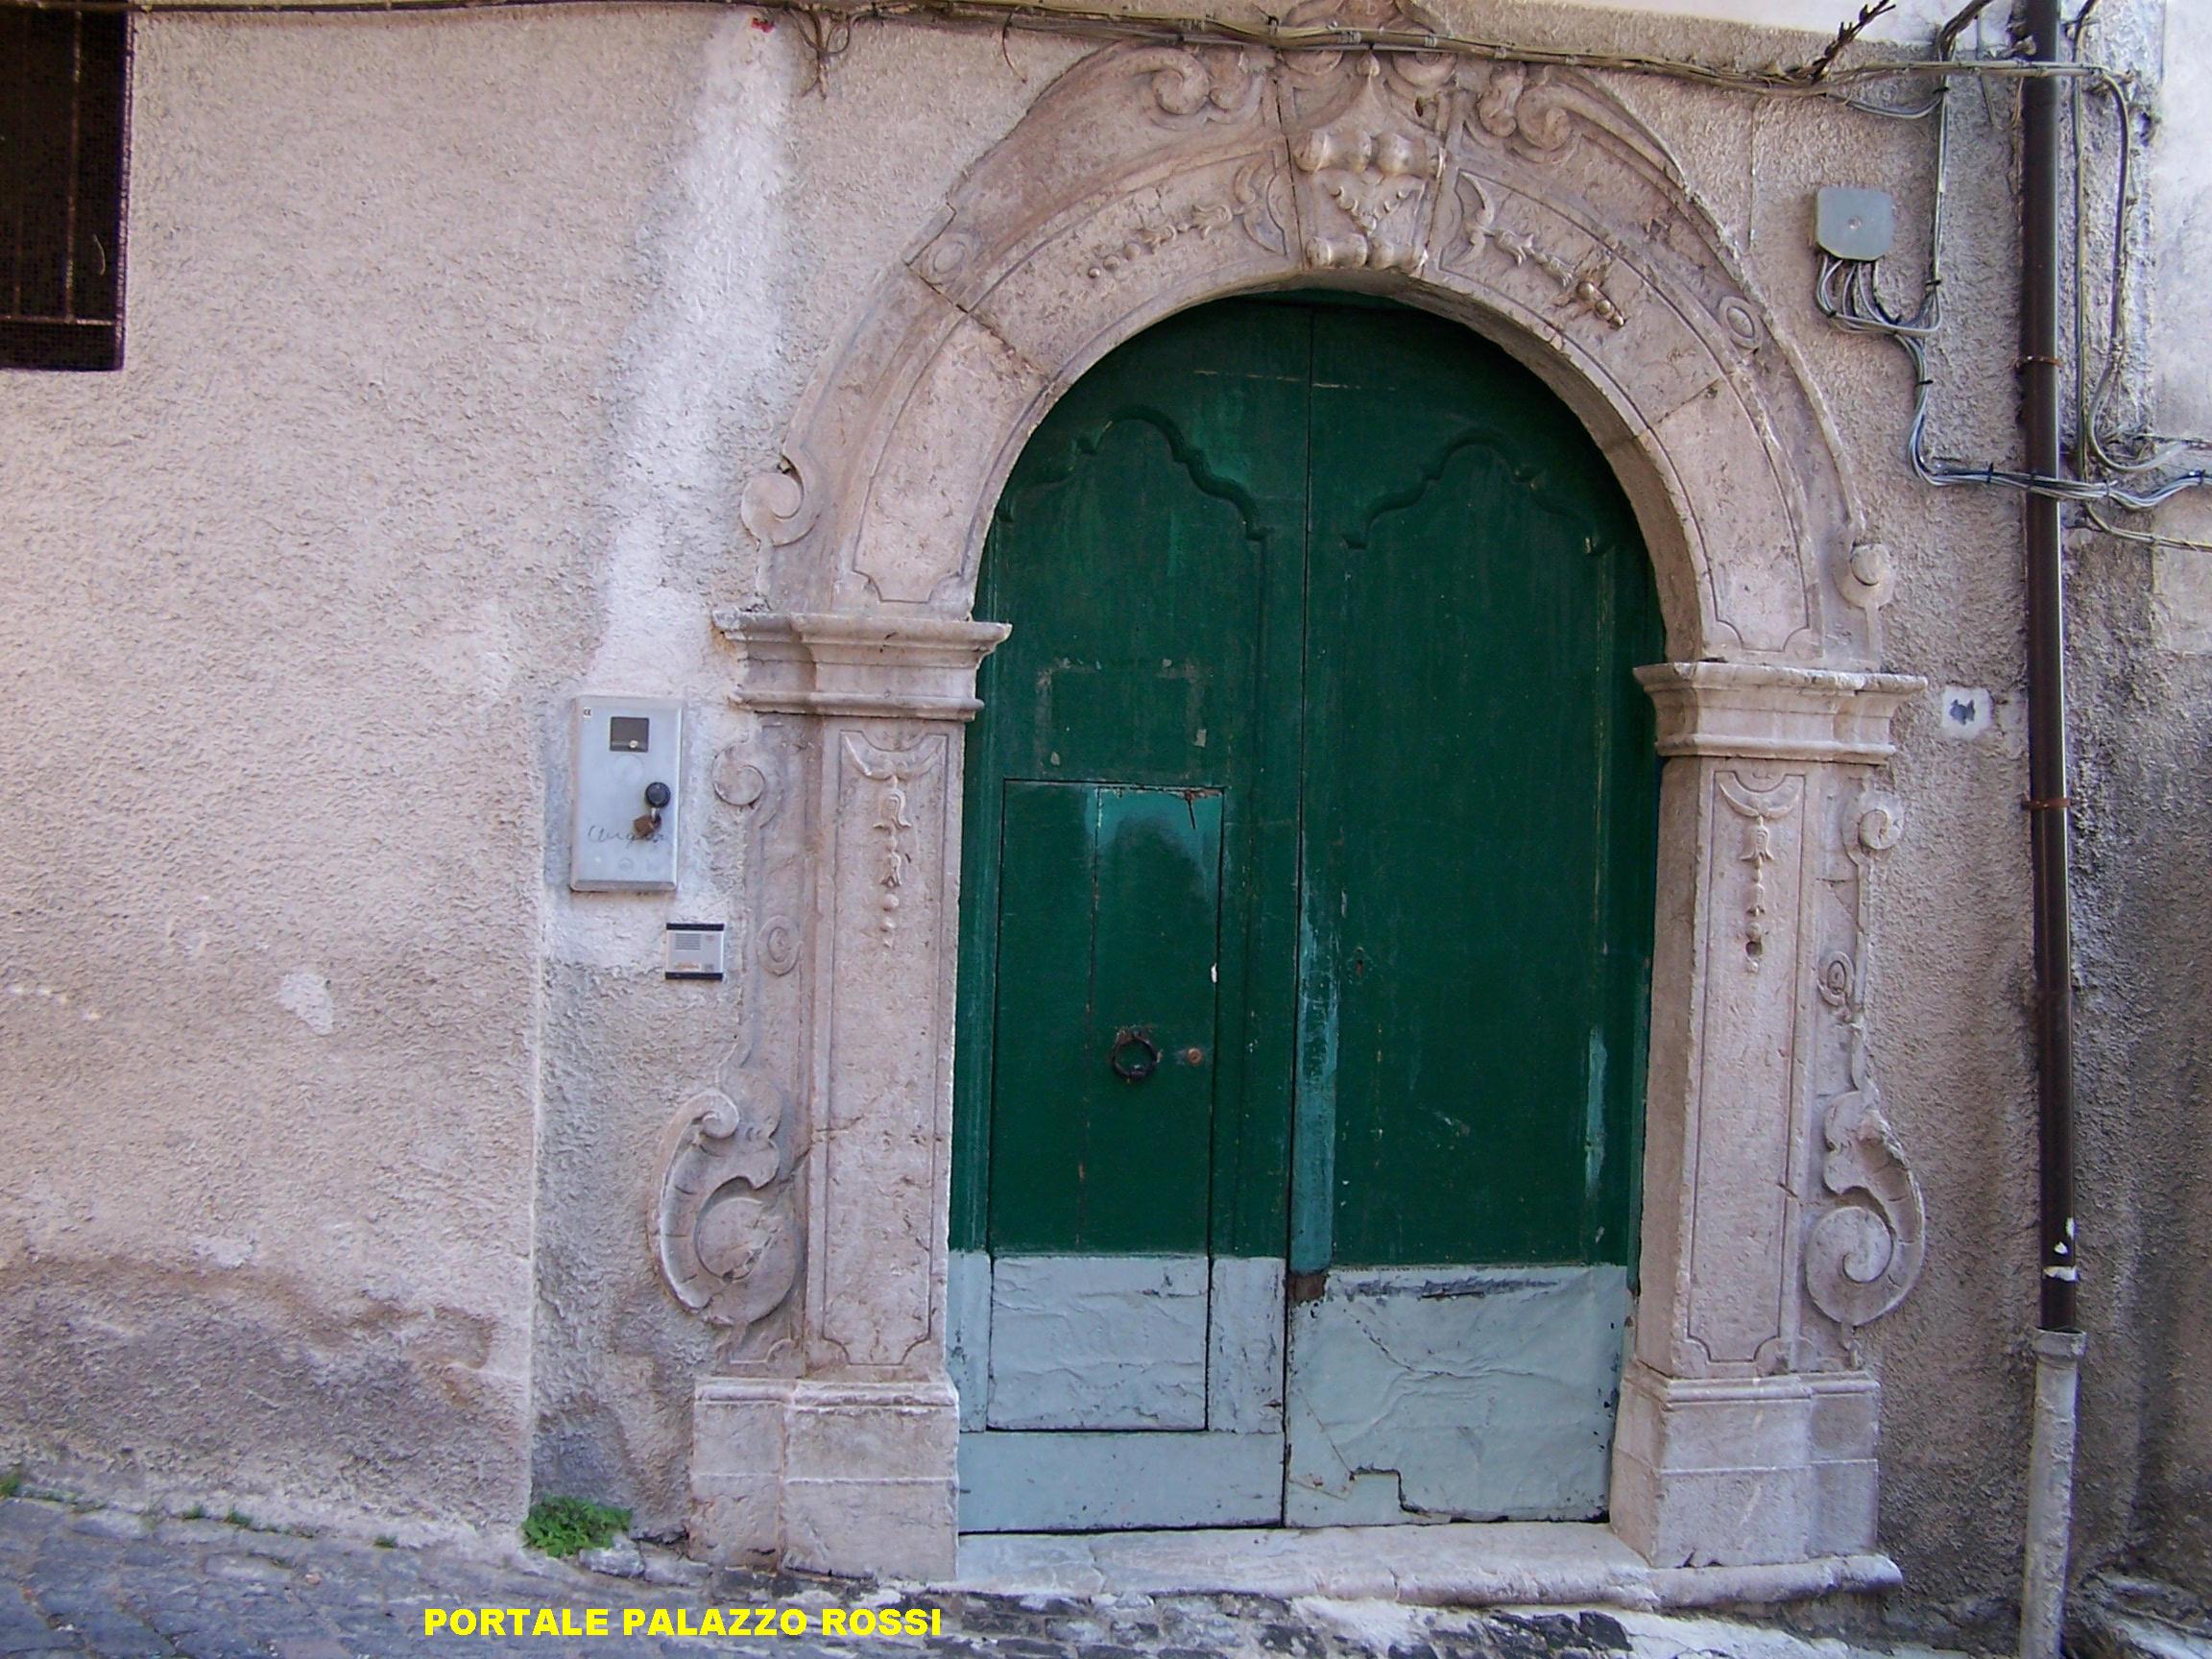 Portale palazzo Nicola Rossi (Via Nicola Rossi)